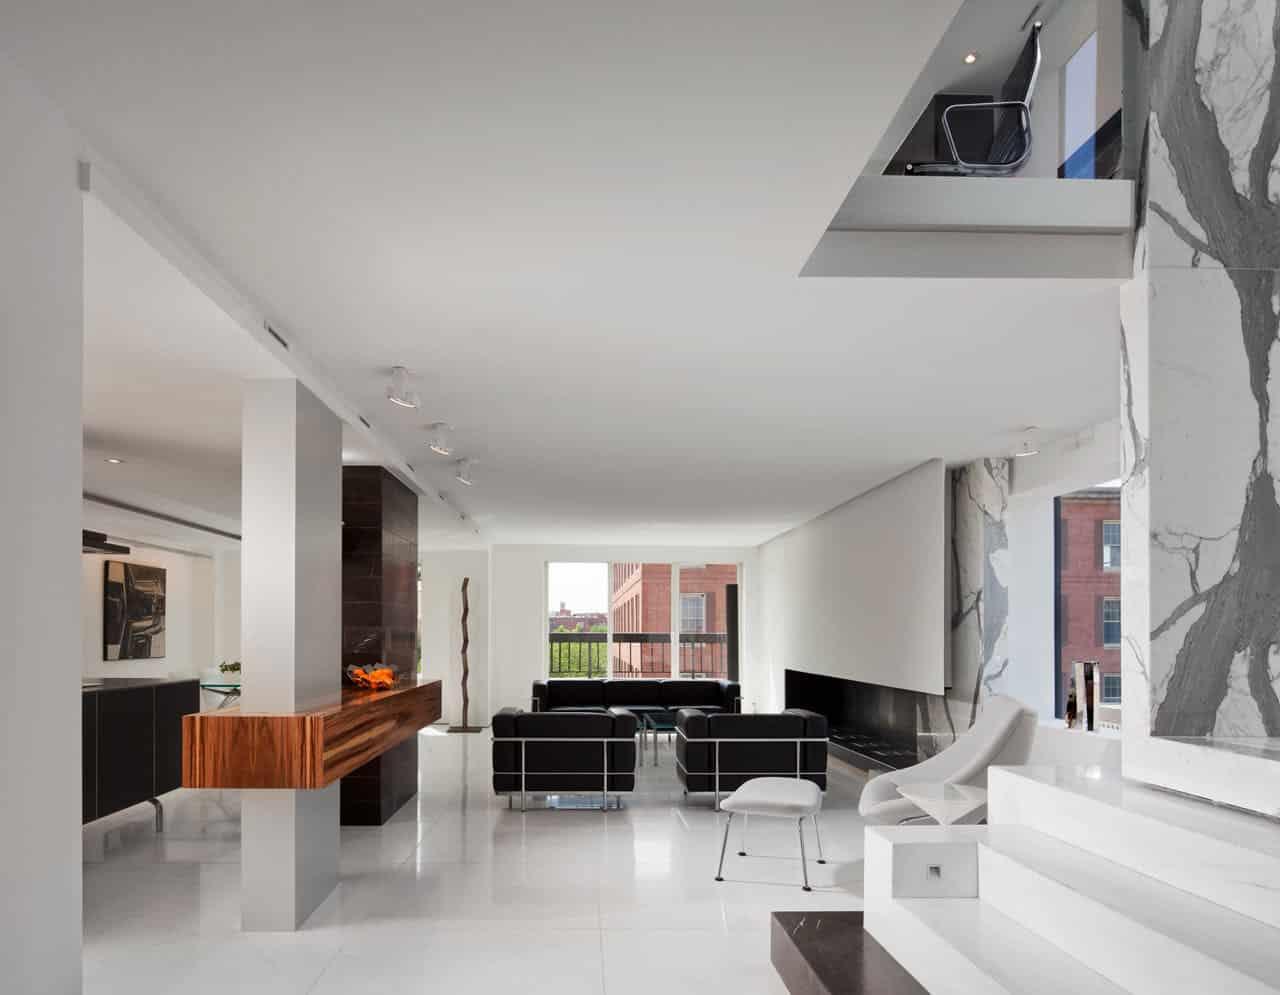 Lassus residence by schlesinger associates architects - La residence lassus par schlesinger associates ...